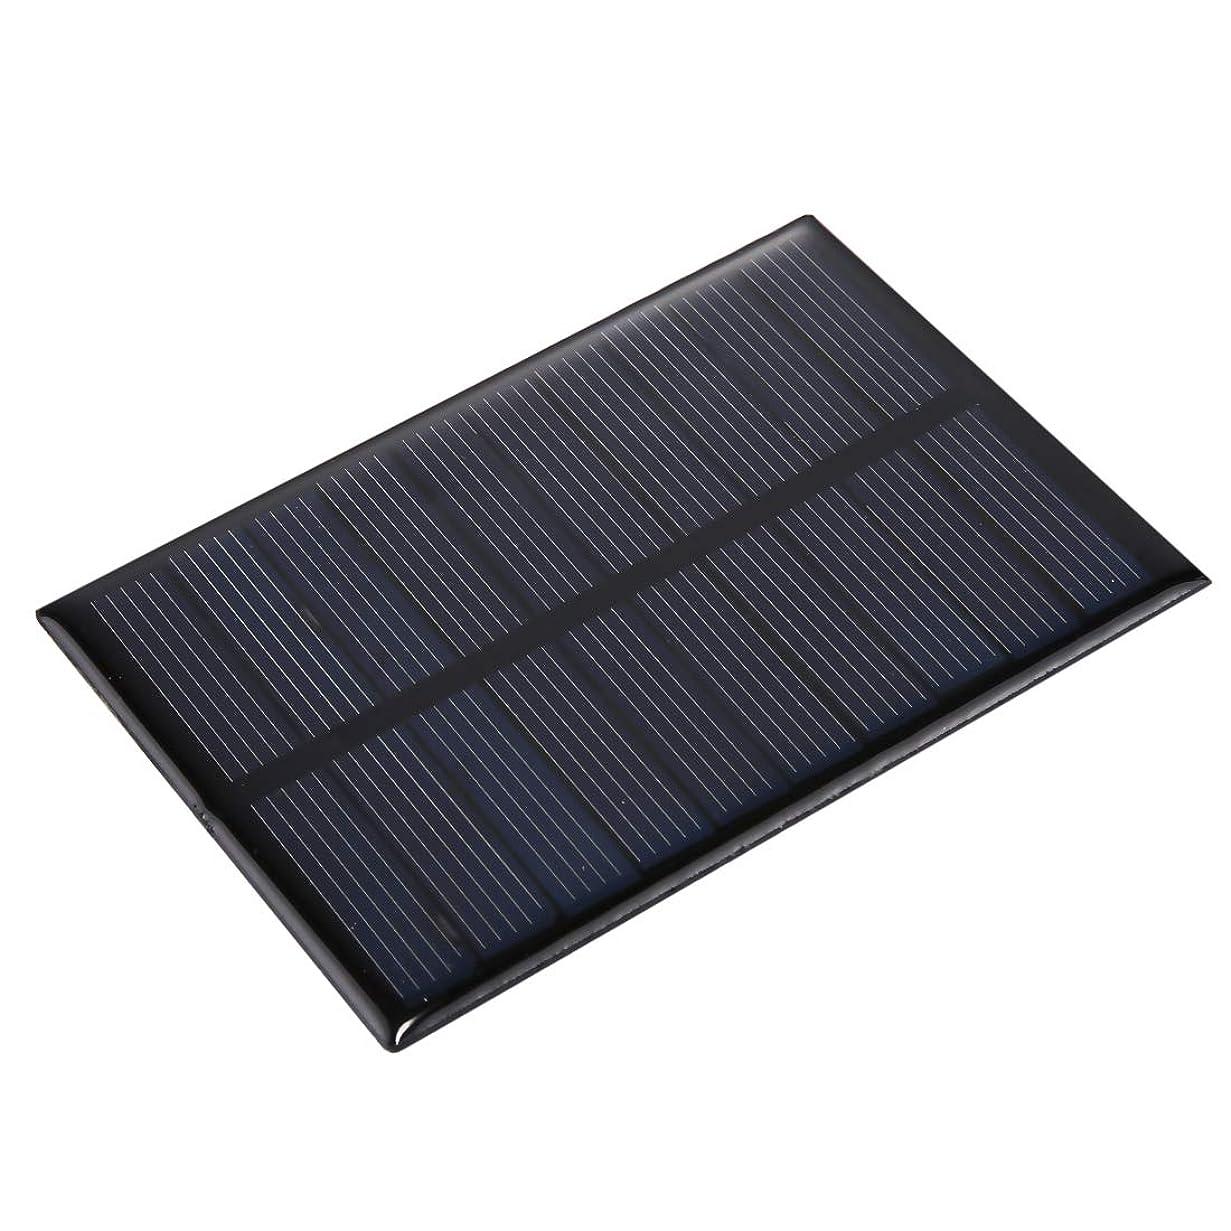 側溝警報司書ポータブル折りたたみソーラーパネル 5V 0.8W 150mAh DIY太陽電池モジュールソーラーパネルモジュール電池、サイズ:99x 69mm マウサー日本携帯用折りたたみソーラーパネル